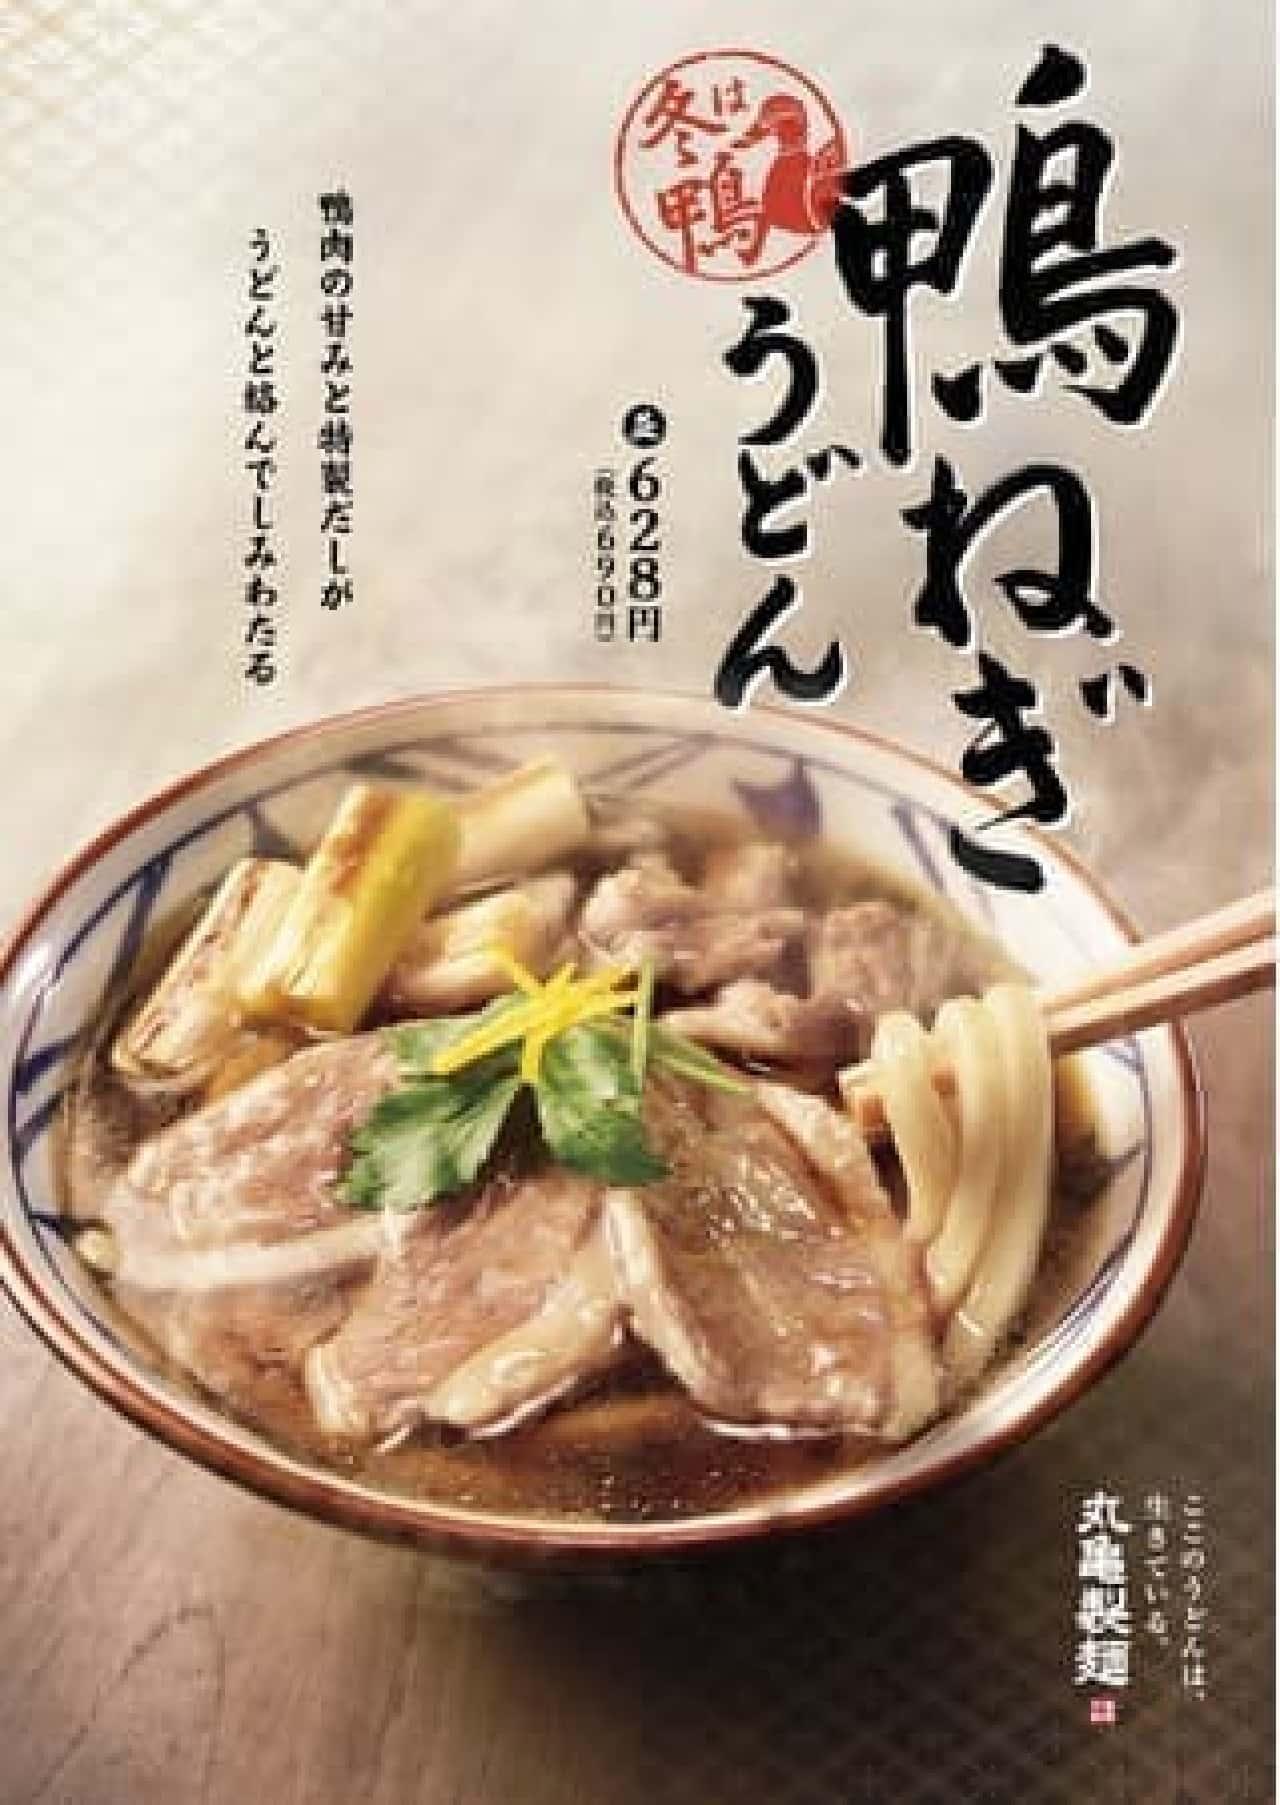 丸亀製麺 冬の定番「鴨ねぎうどん」